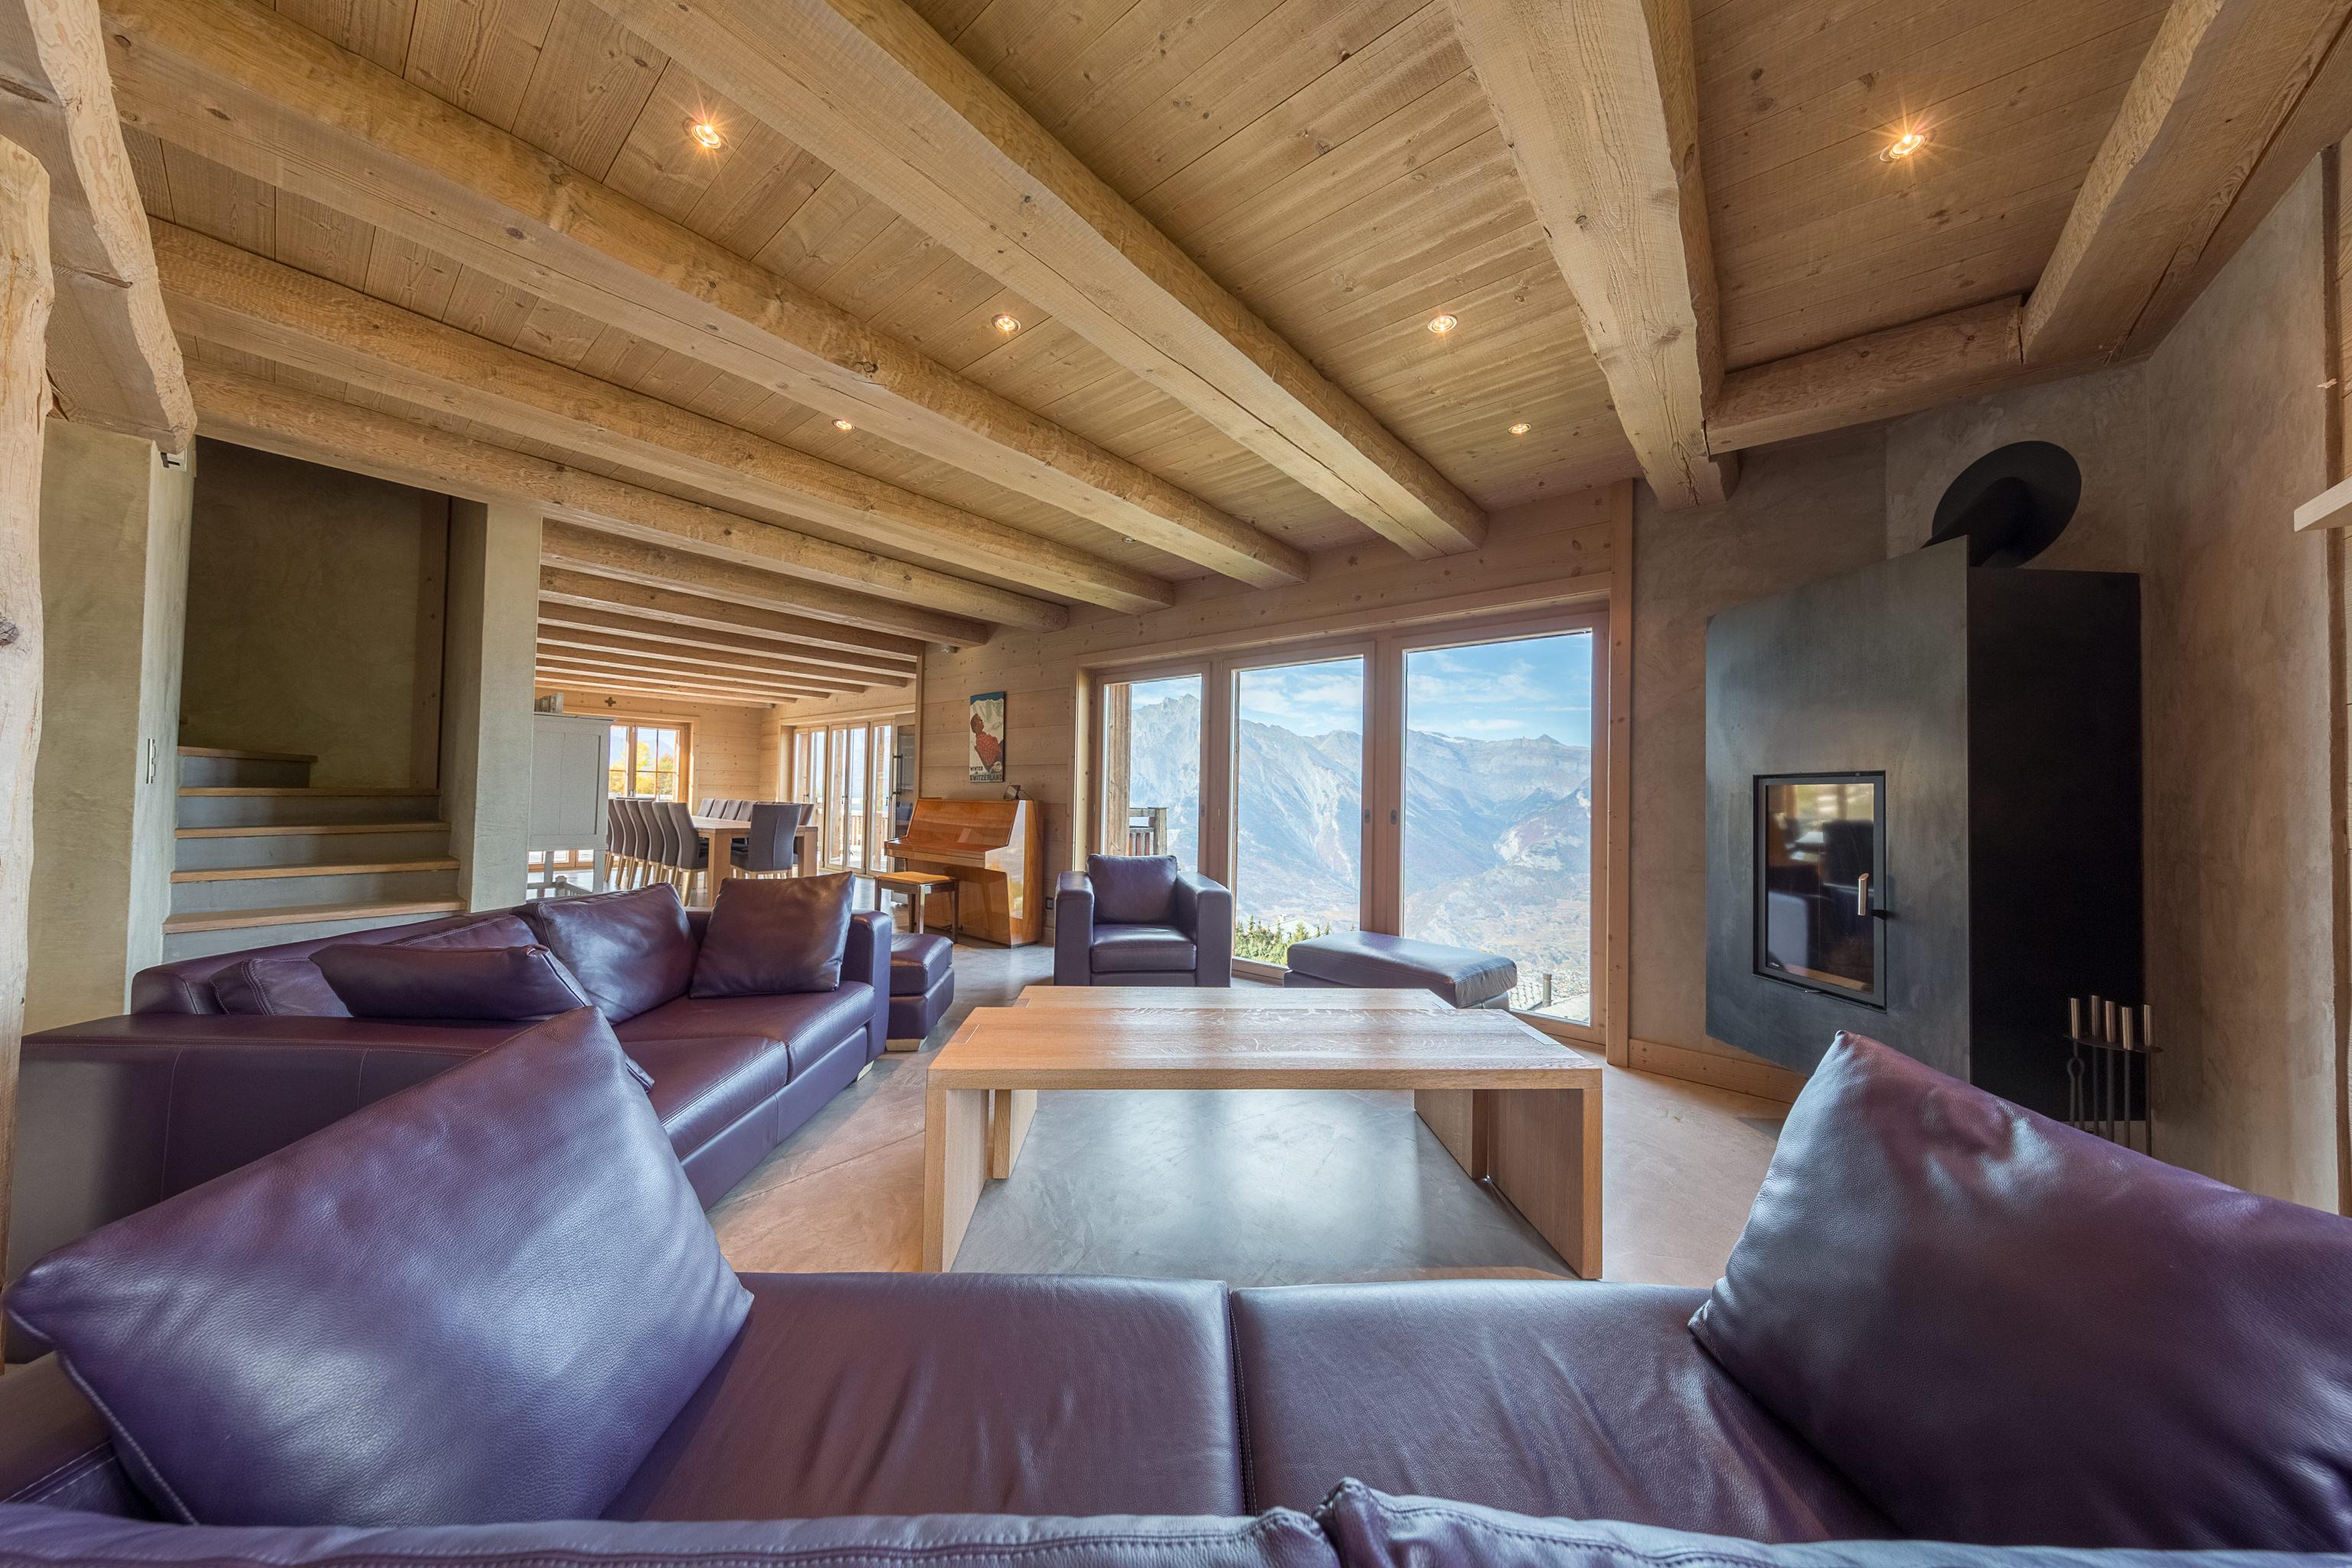 Das Chalet   Chalet Altitude 1600